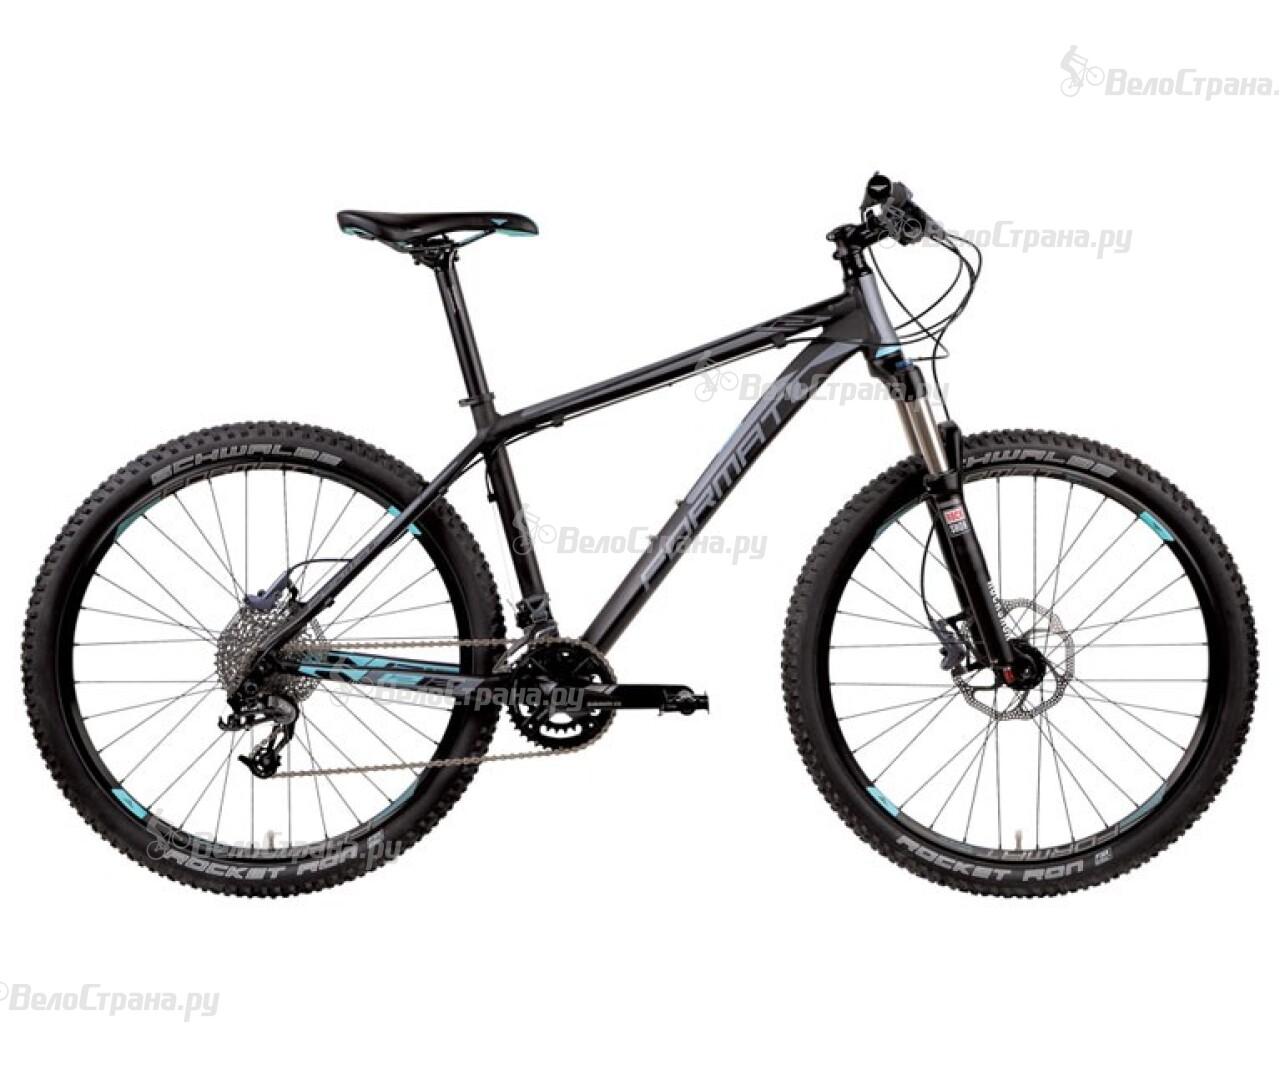 Велосипед Format 1212 (2014) велосипед format 1212 2014